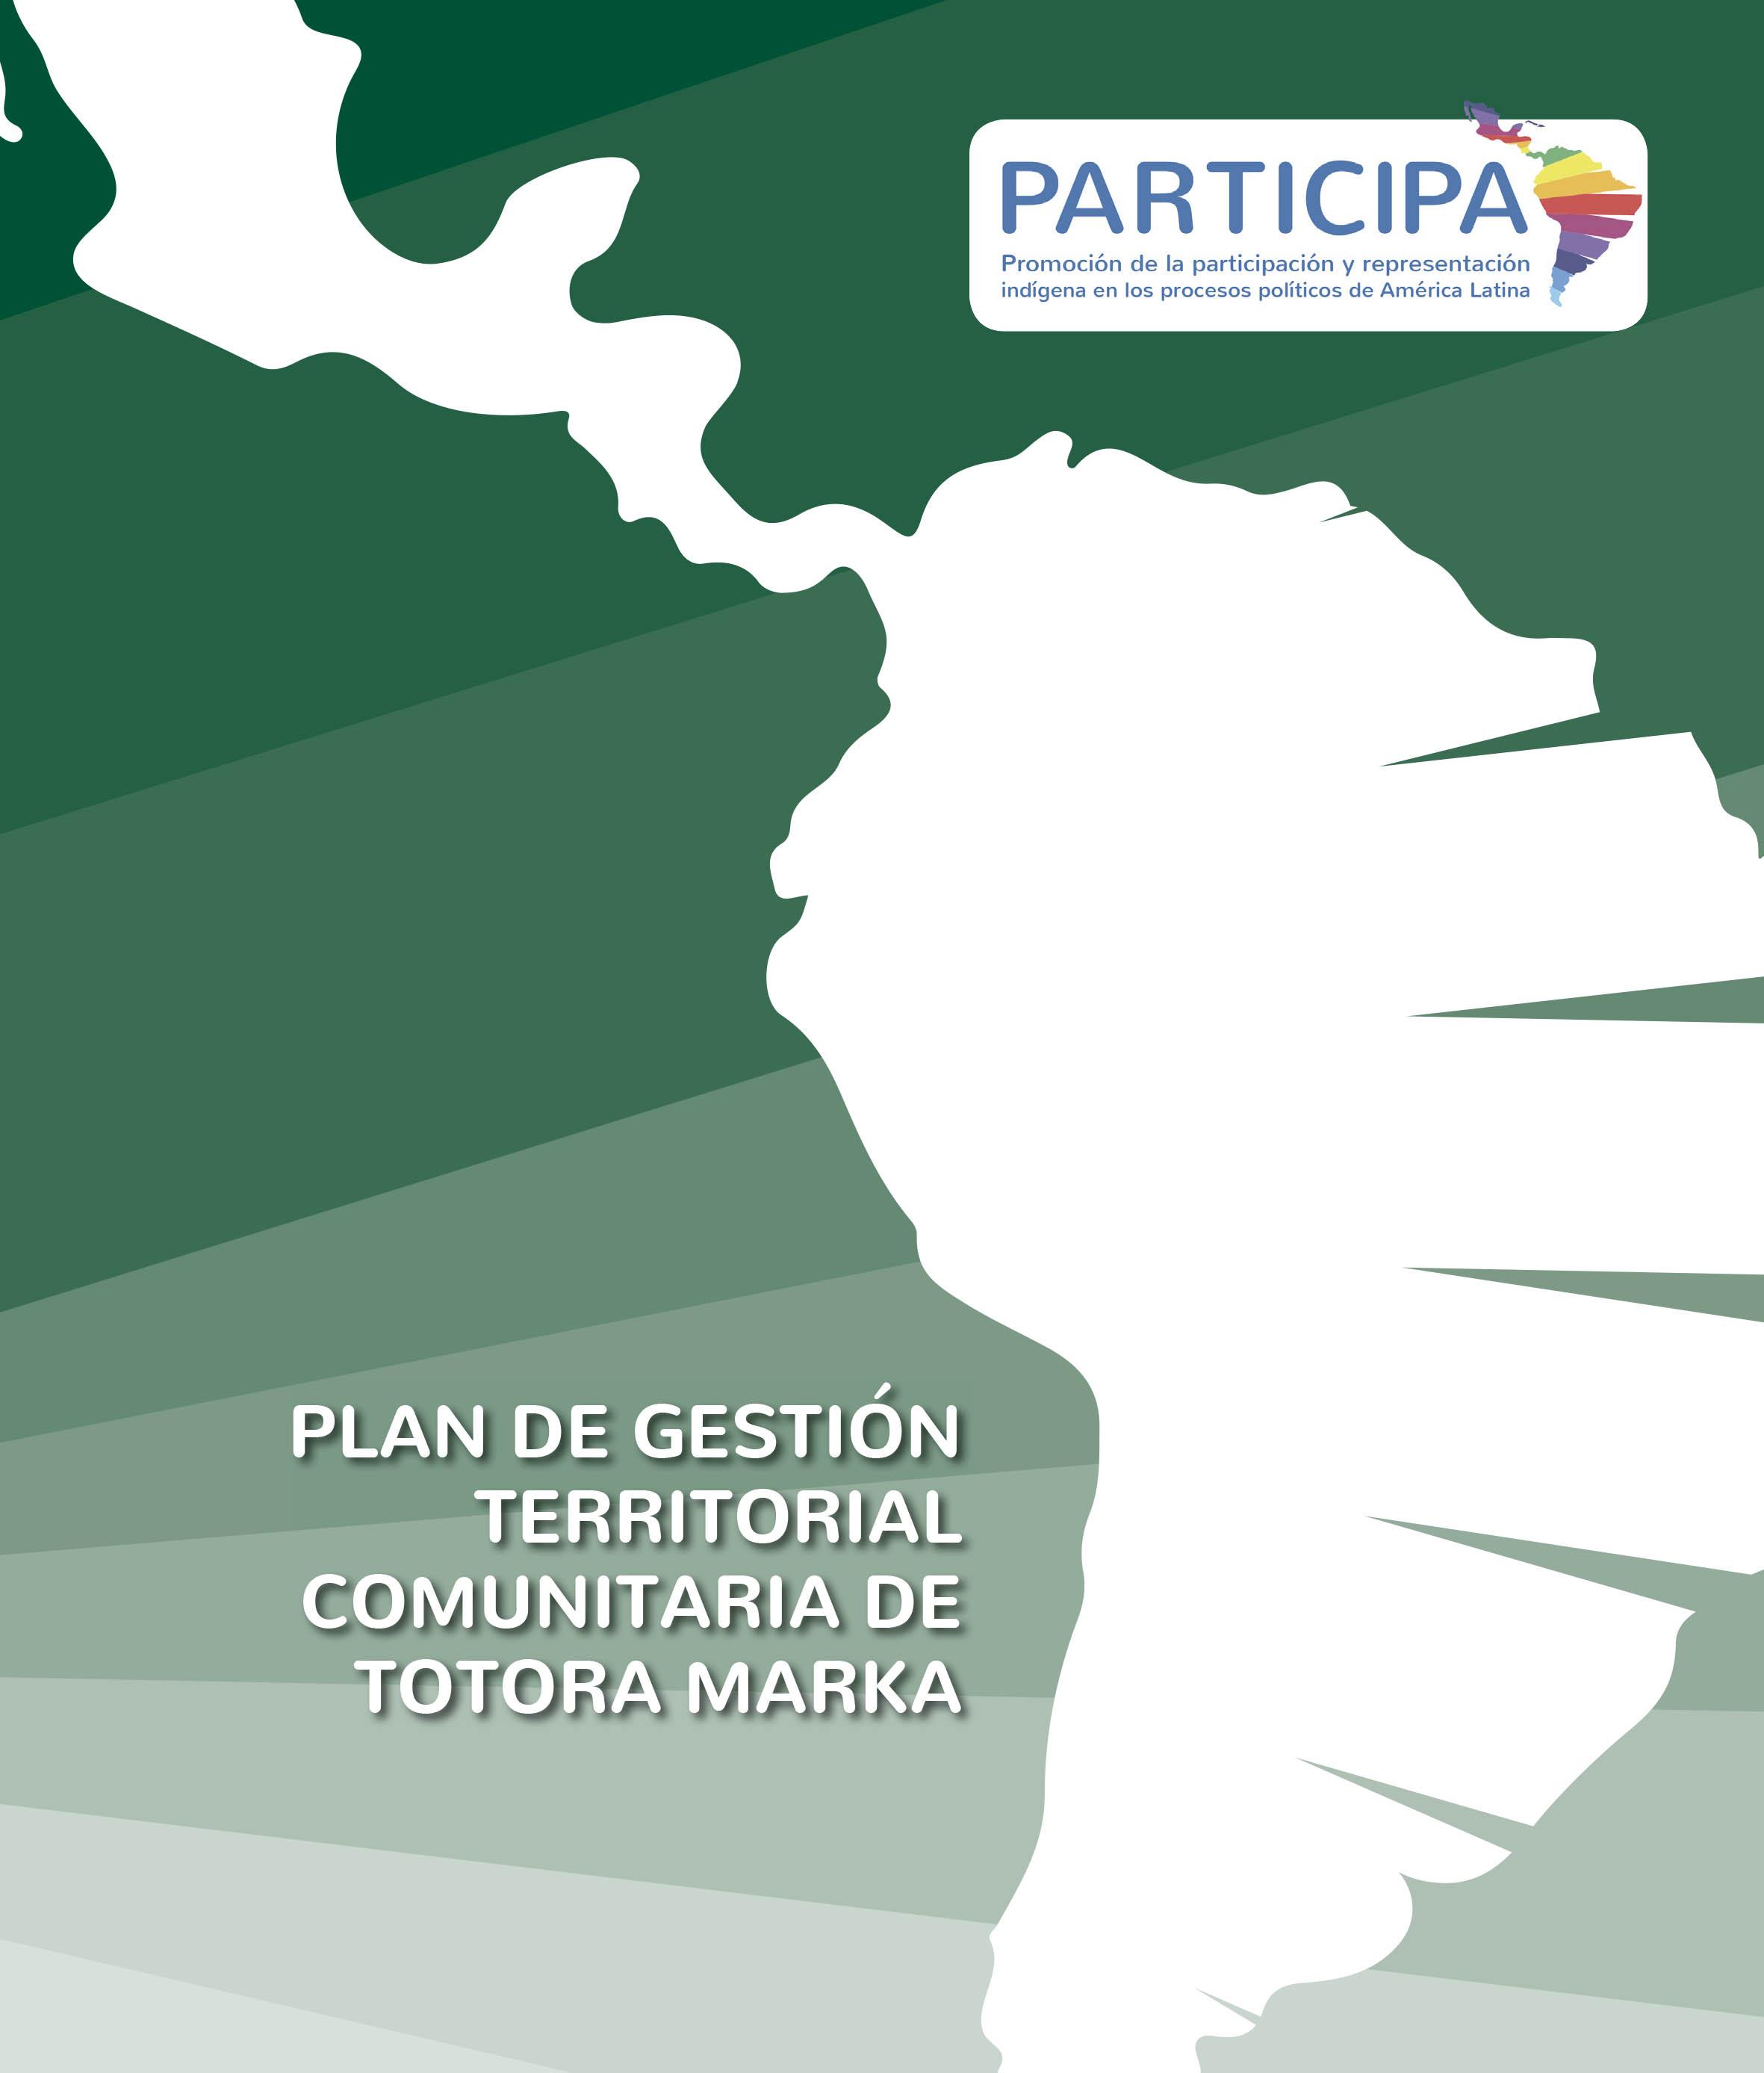 Plan-de-Gestion-Territorial-Comunitaria-de-Totora-Marka-1